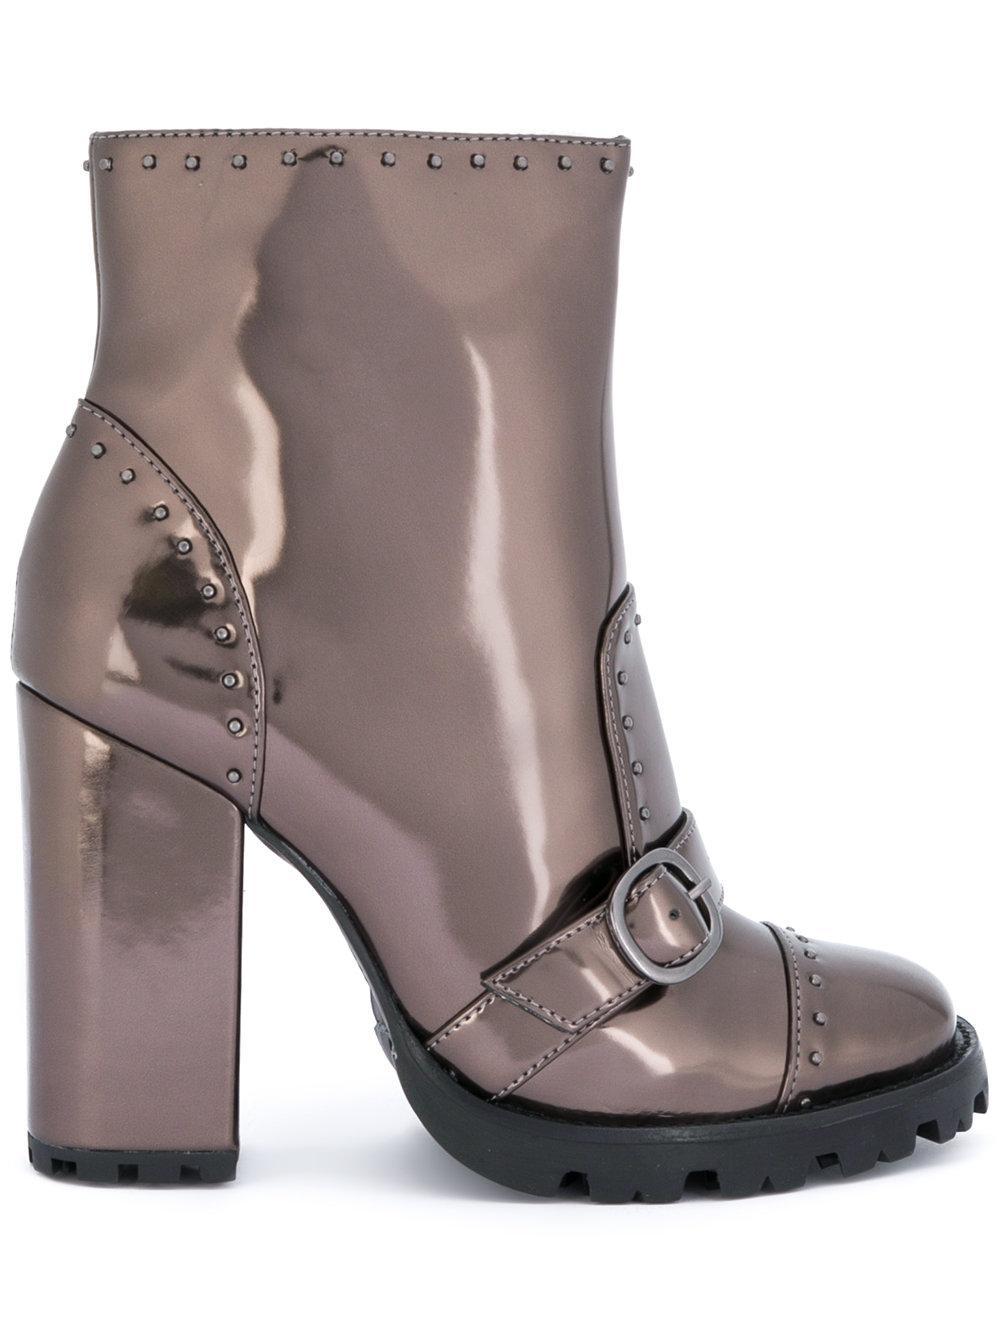 Schutz Studded shiny boots K9CgC35van